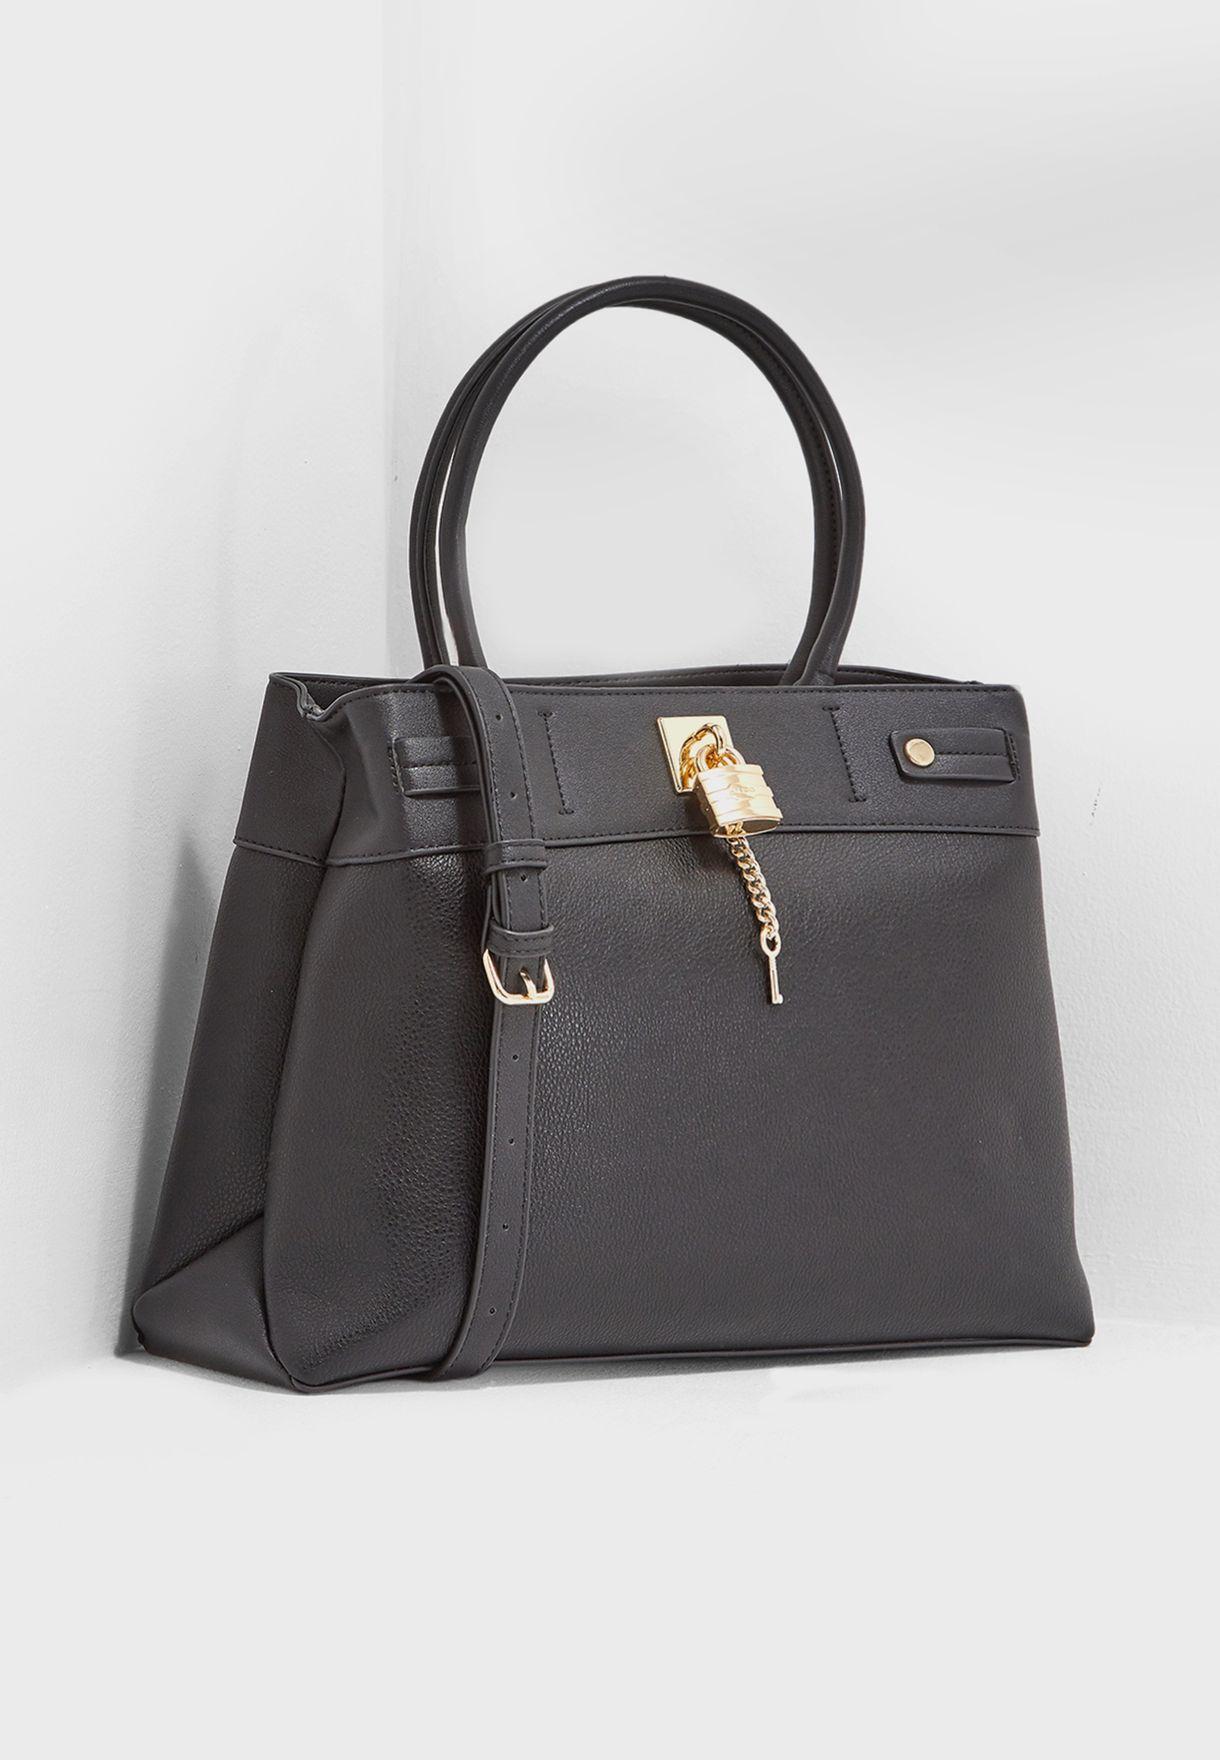 b2c15da0992 Shop Aldo black Genualdi Large Tote GENUALDI98 for Women in UAE ...